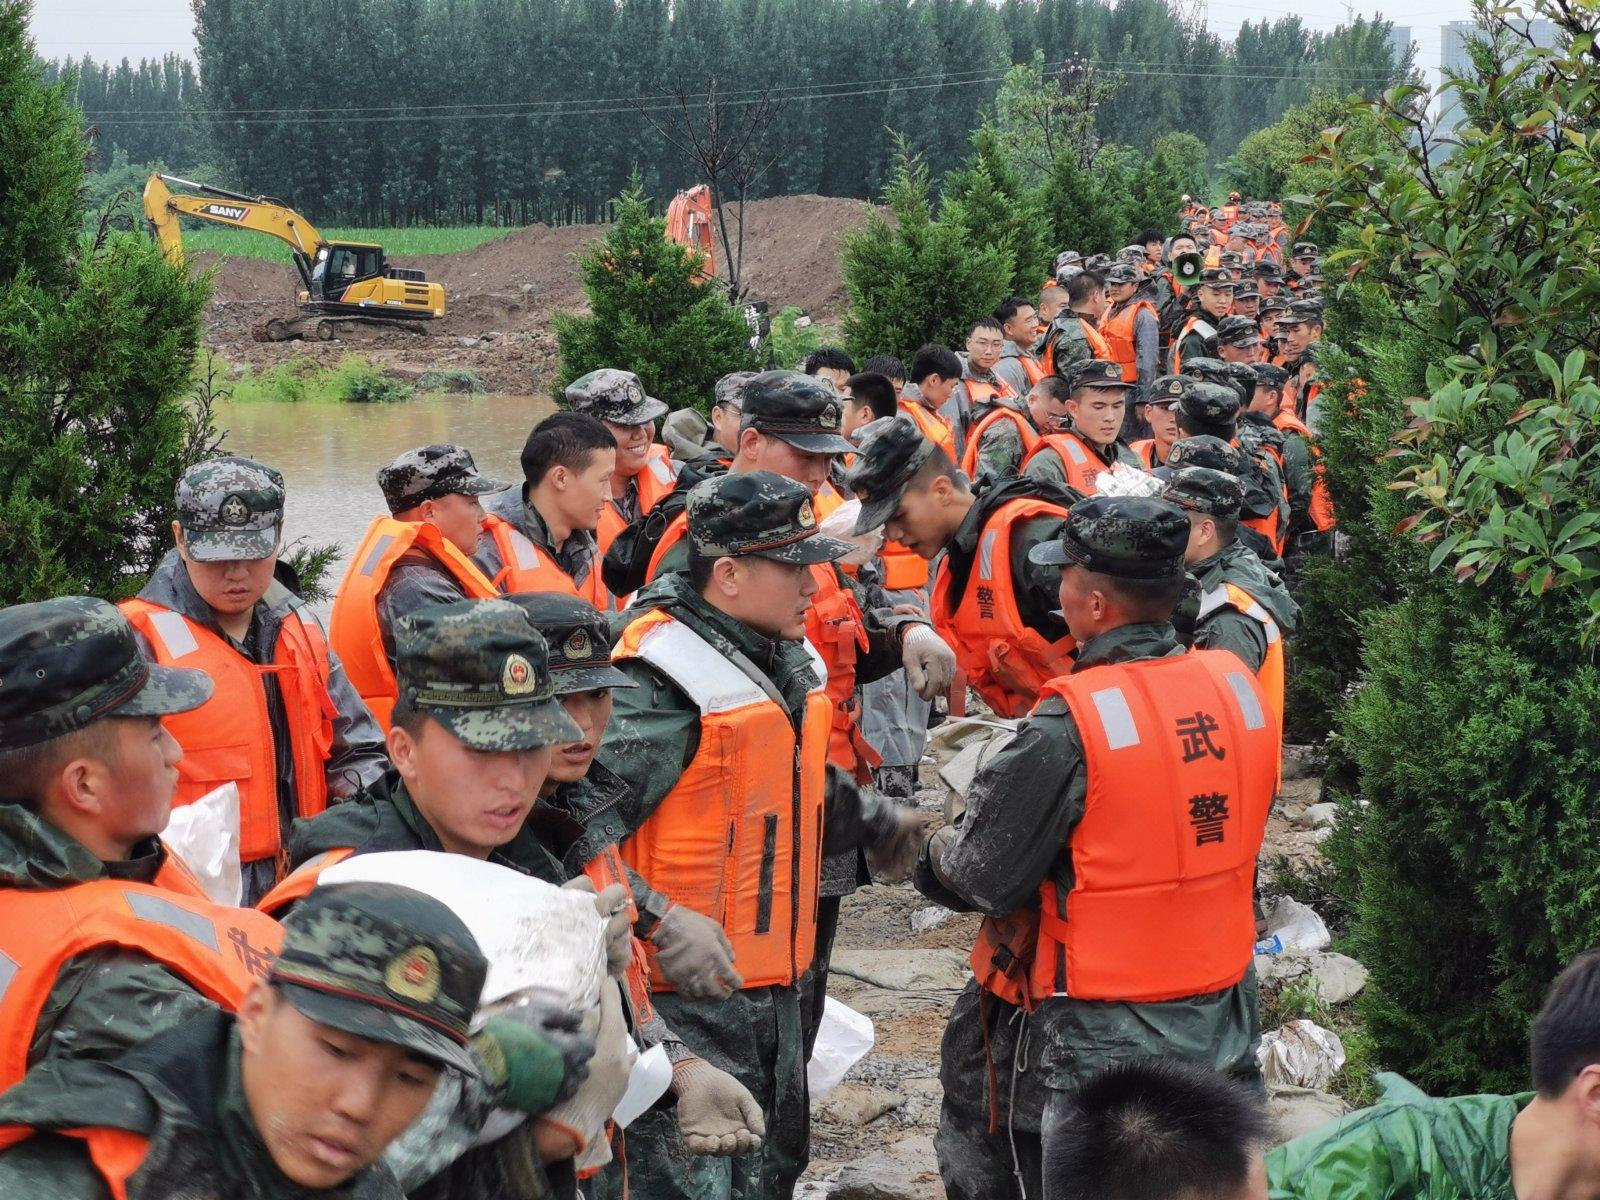 7月21日,武警河南總隊新鄉支隊官兵在新鄉市共產主義渠獲嘉段搬運沙袋封堵管涌。(新華社)